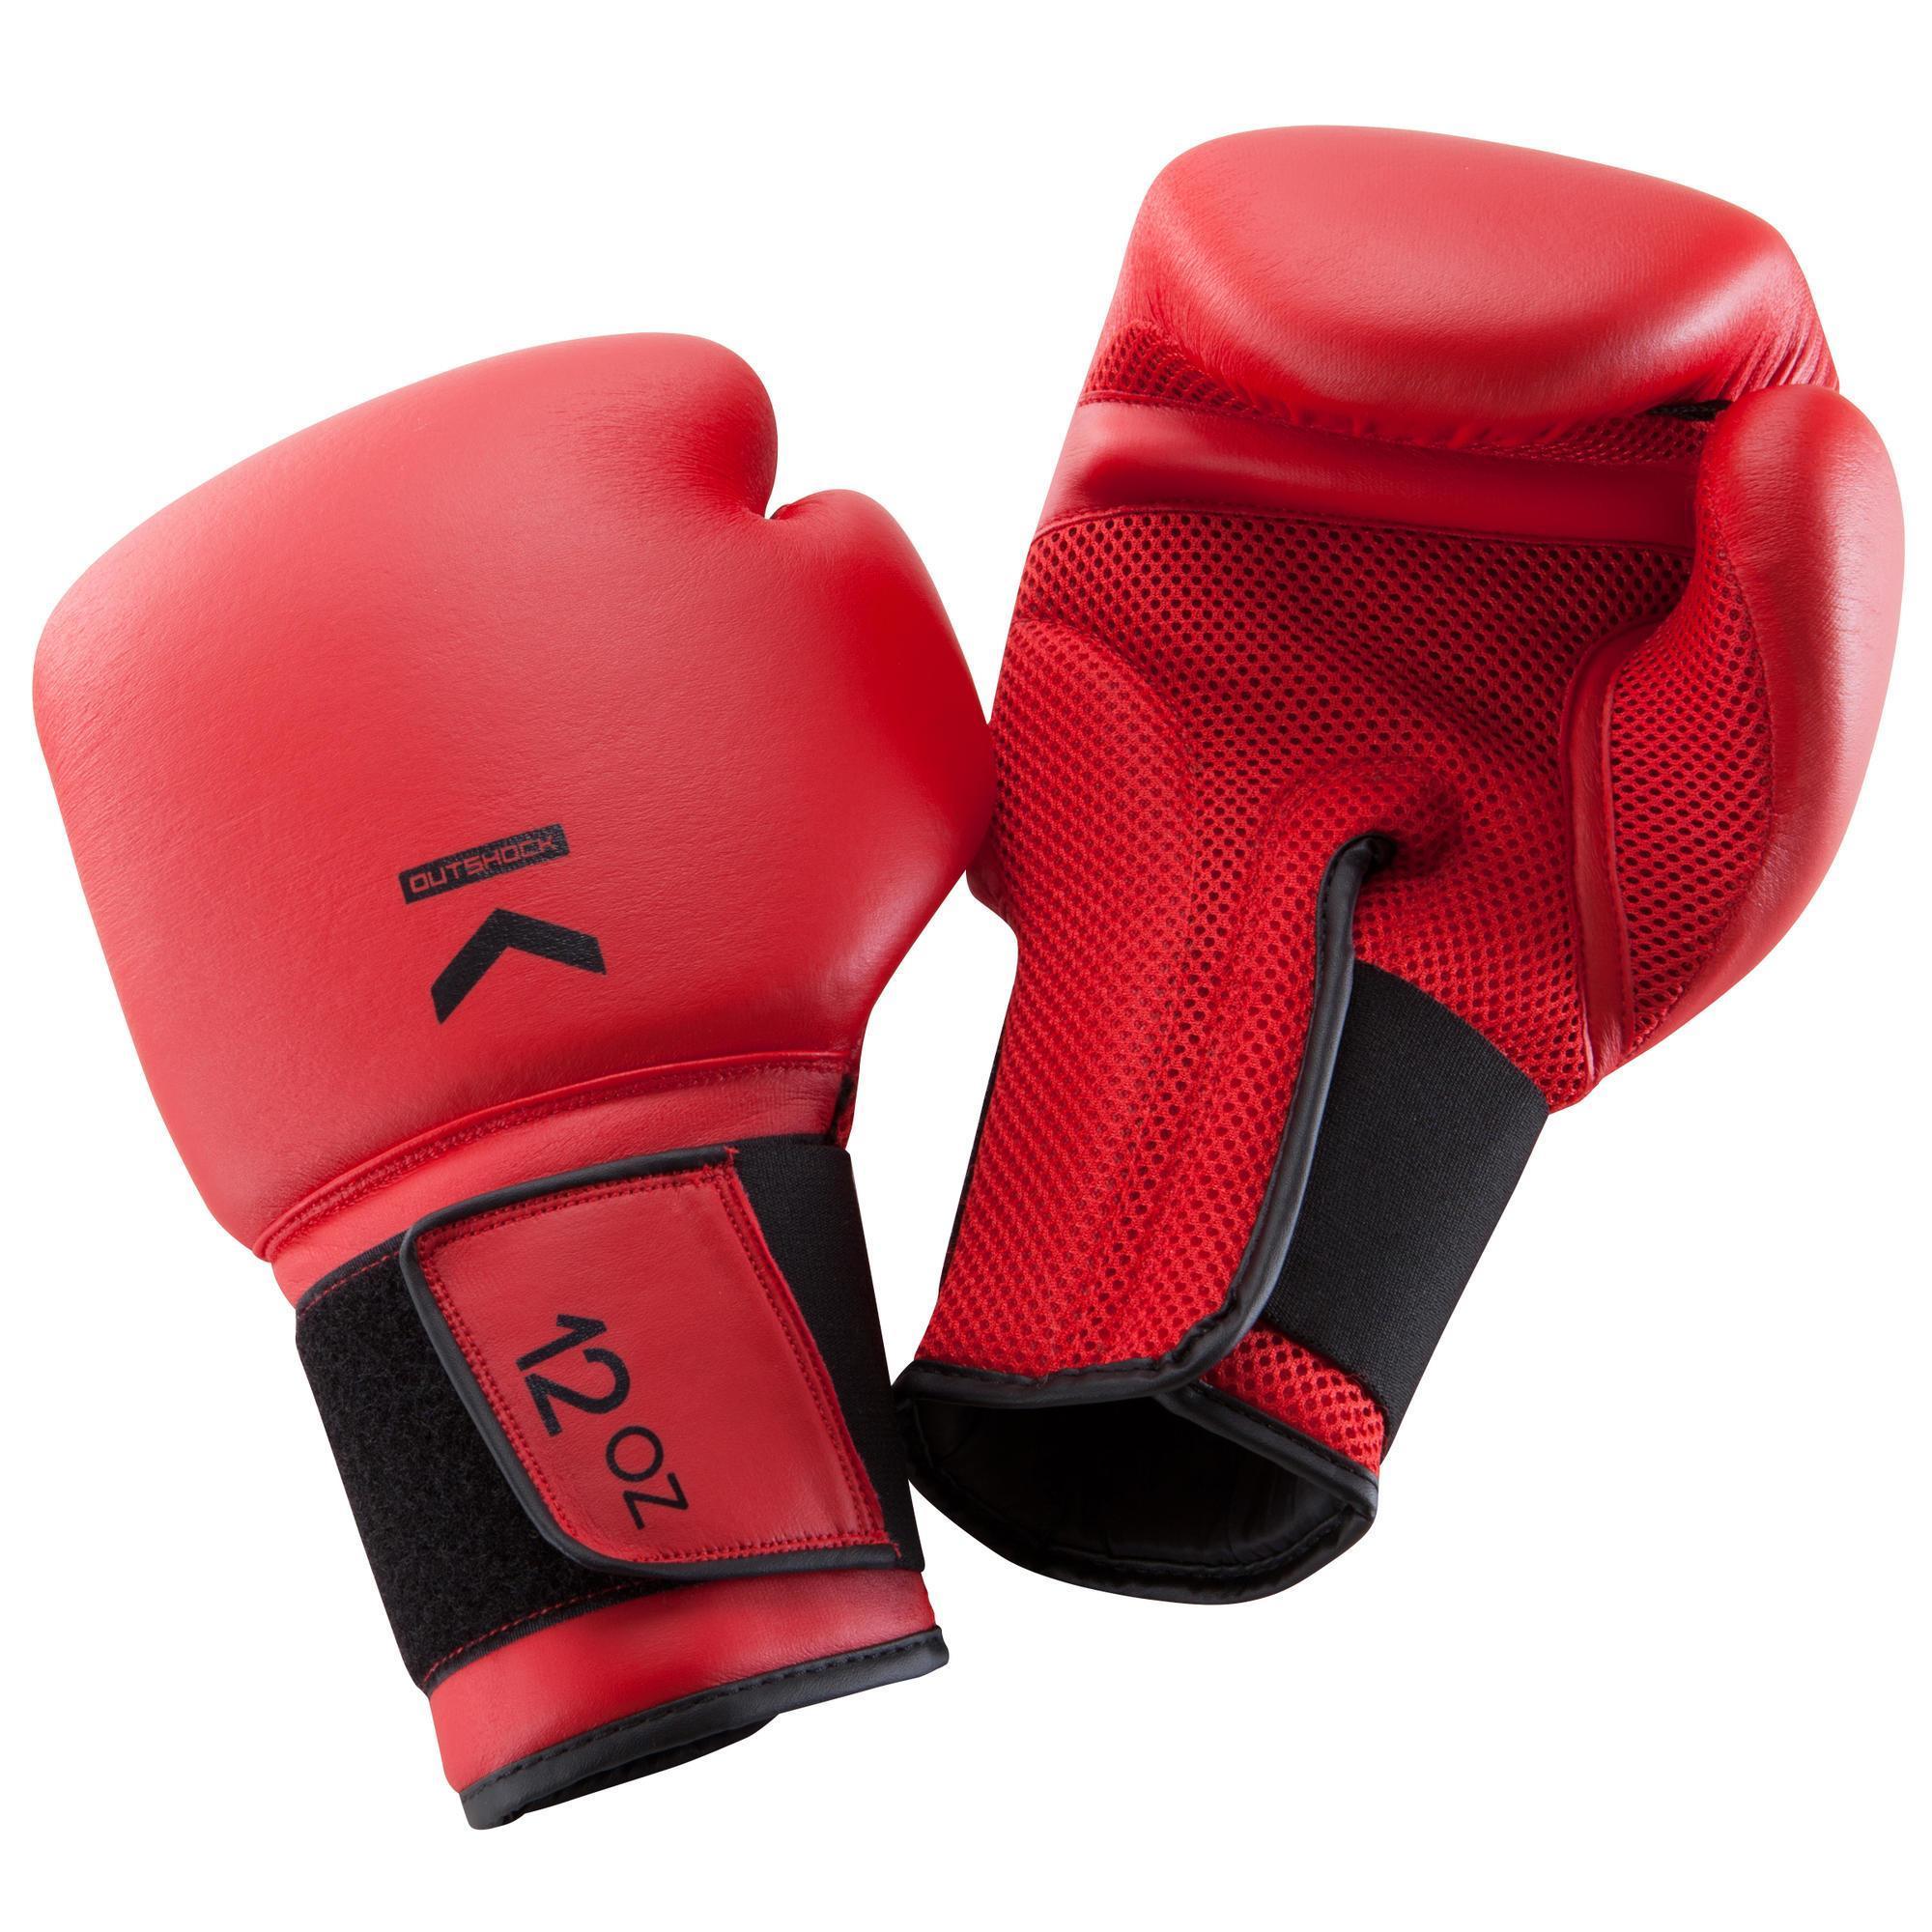 gants de boxe 100 rouges boxeur d butant homme ou femme domyos by decathlon. Black Bedroom Furniture Sets. Home Design Ideas